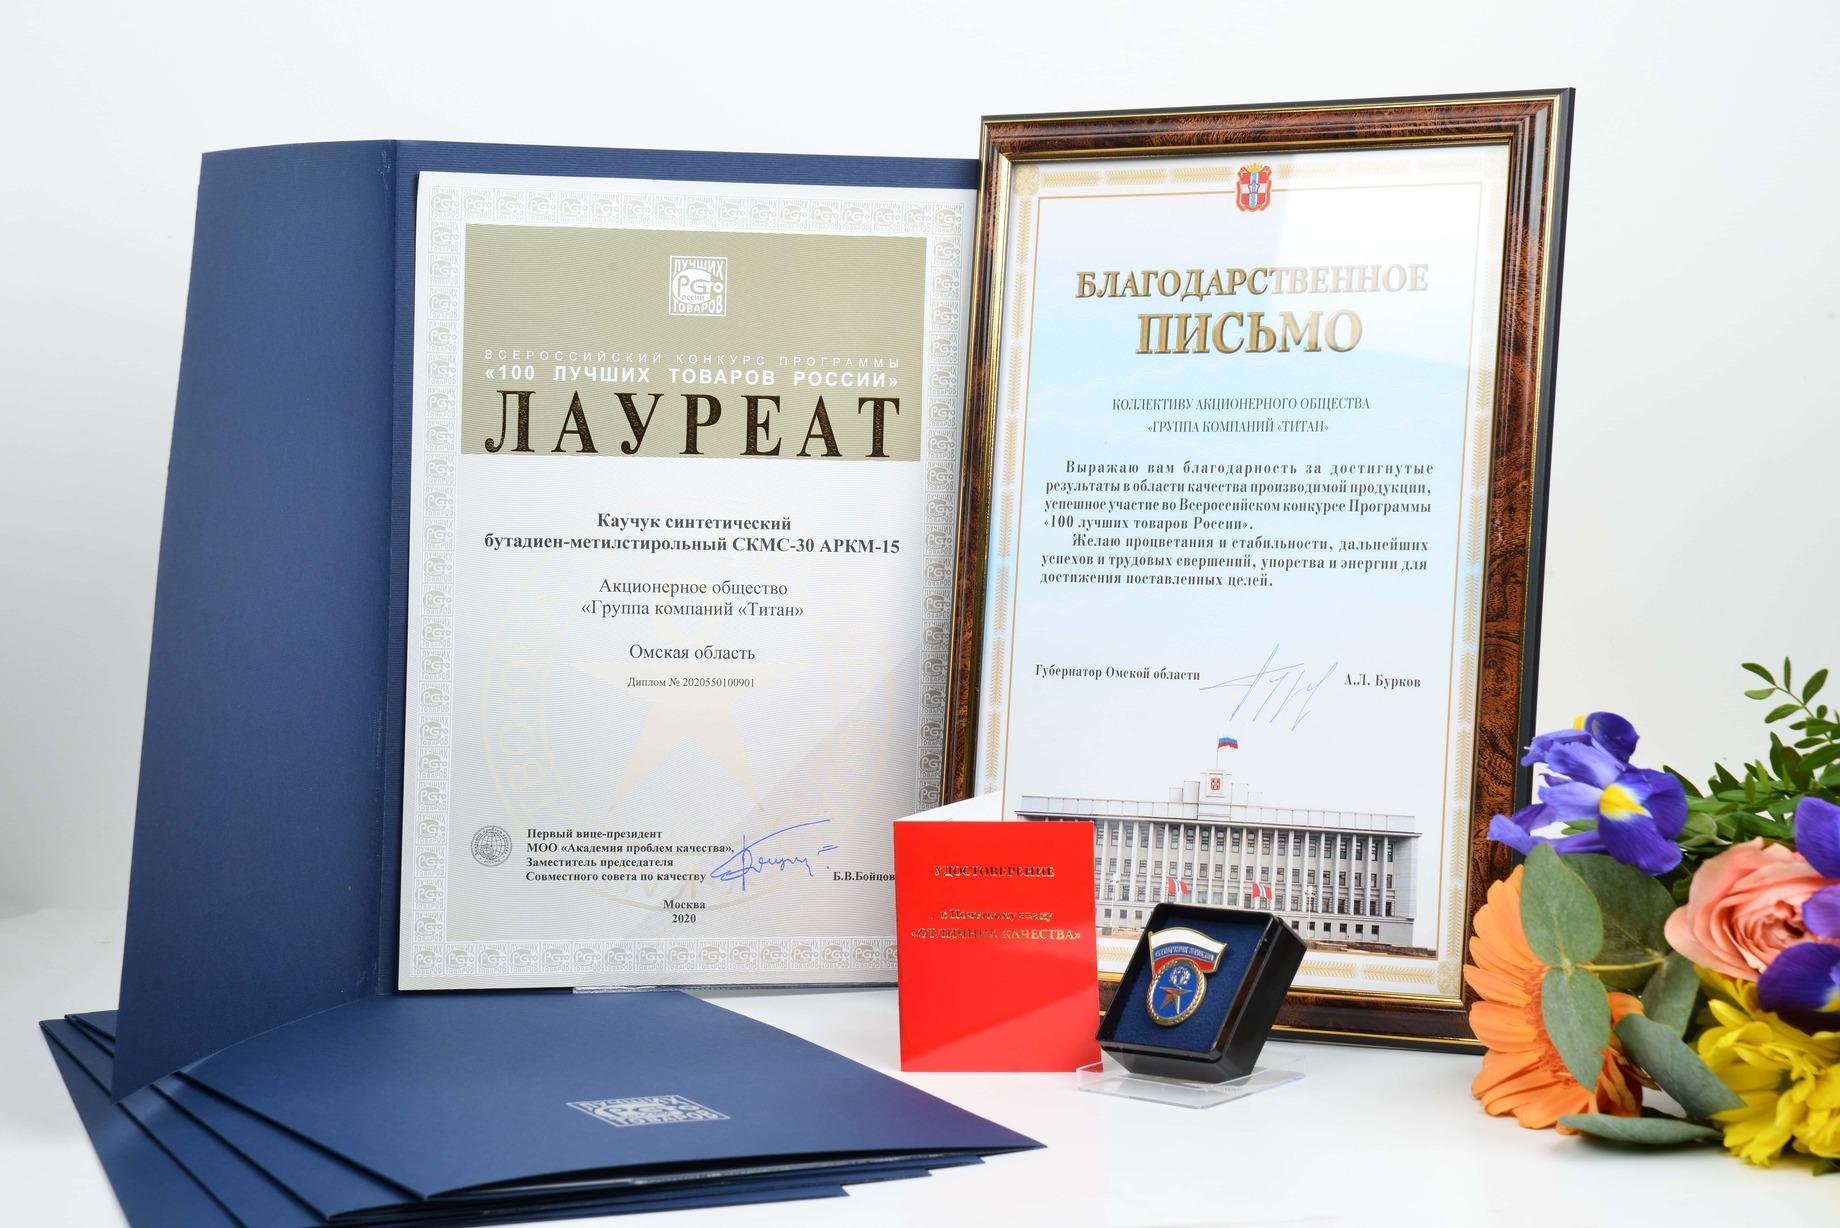 Синтетический каучук ГК «Титан» - золотой лауреат конкурса «100 лучших товаров России».